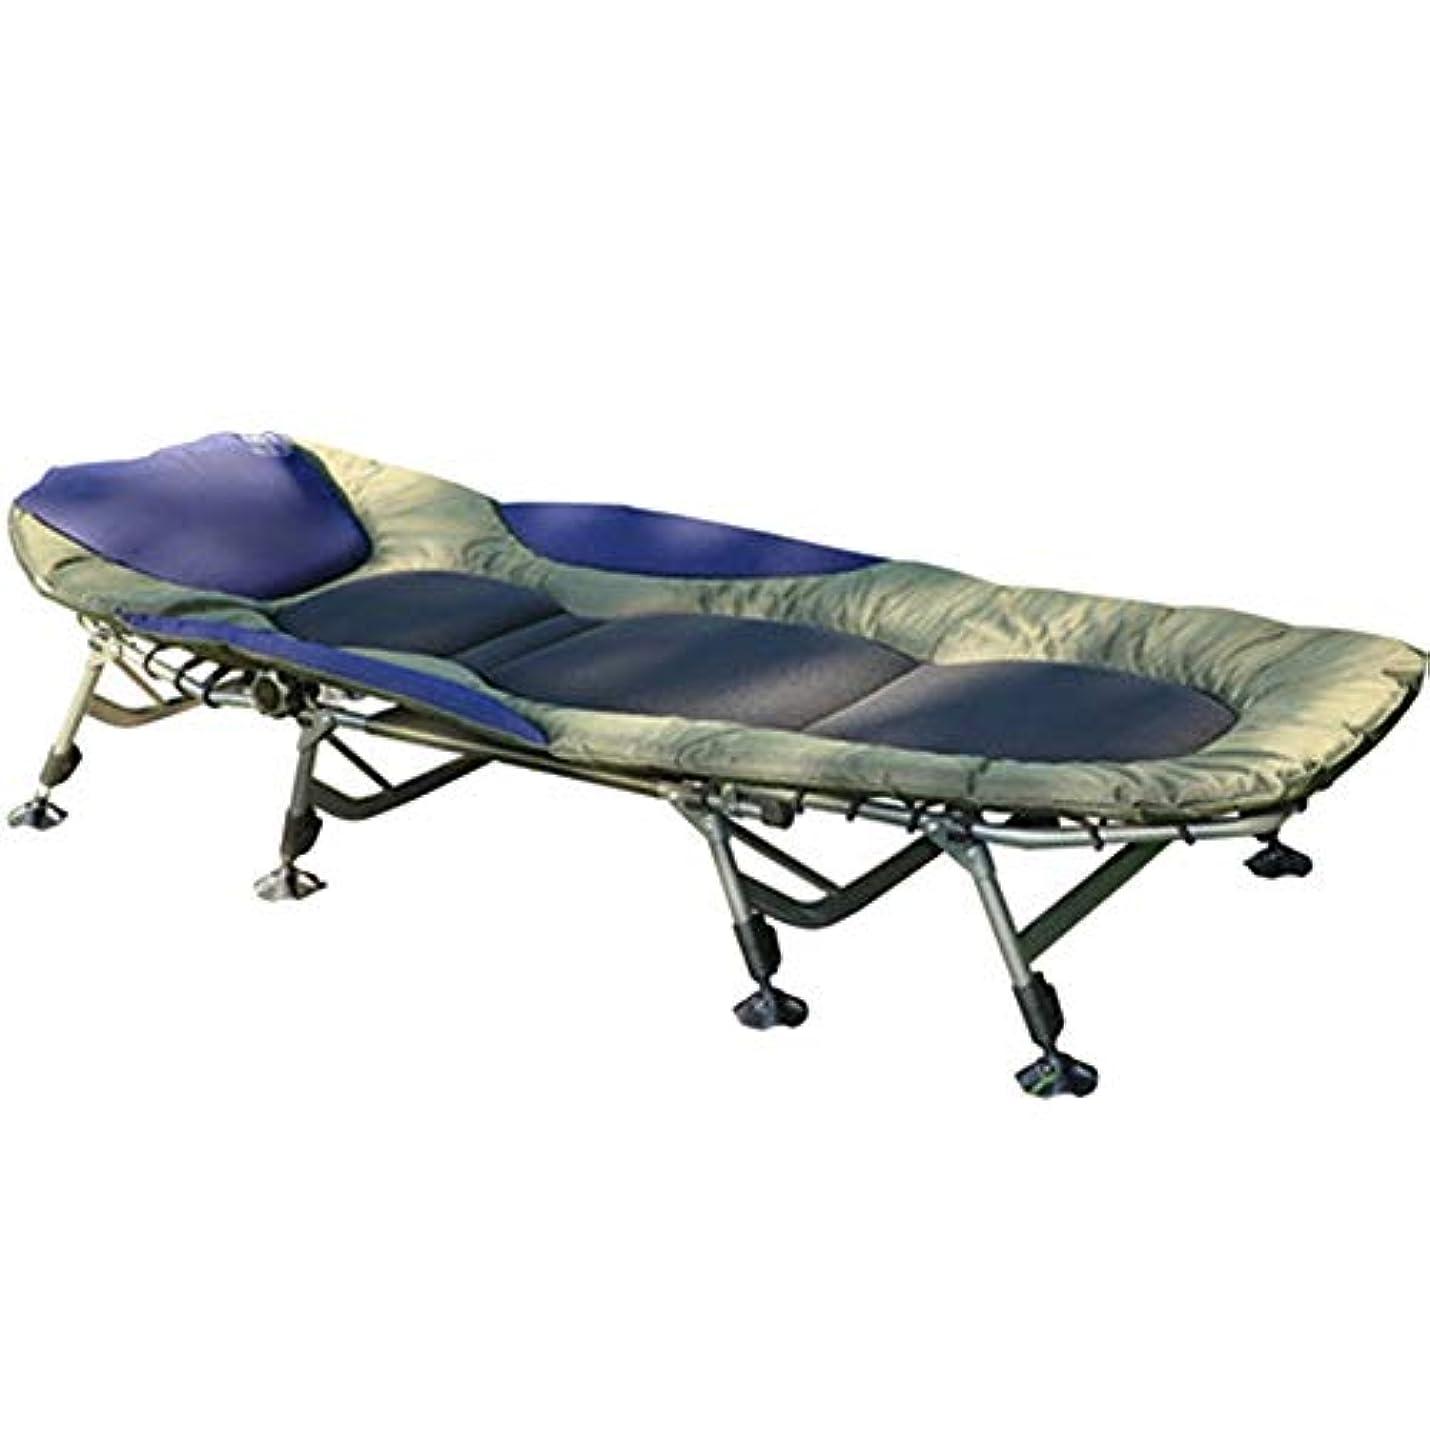 品選択するに向けて出発強化キャンプベッドアルミ合金シンプルな折りたたみベッドオフィス屋外ポータブルシングルベッド調節可能 (Color : Blue)